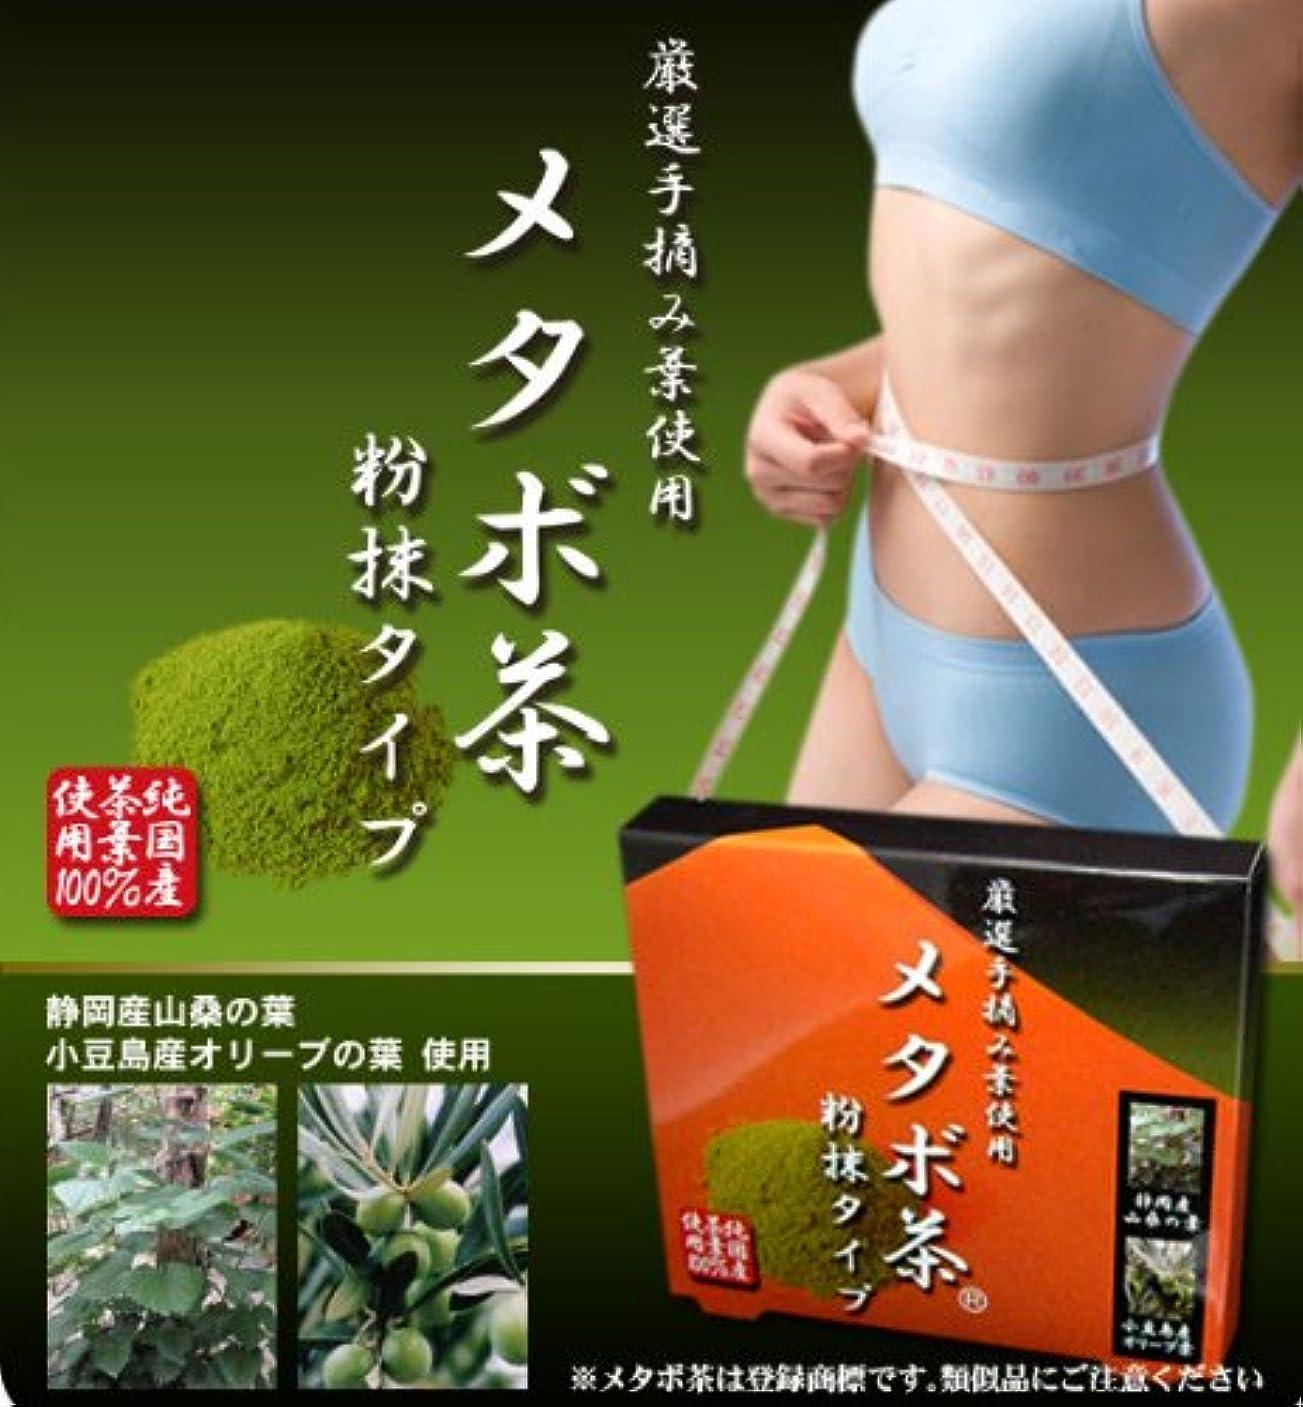 バッテリー痛みカカドゥメタボ茶粉抹タイプ 2個セット(完全無農薬 純国産茶葉100%使用ダイエット茶)